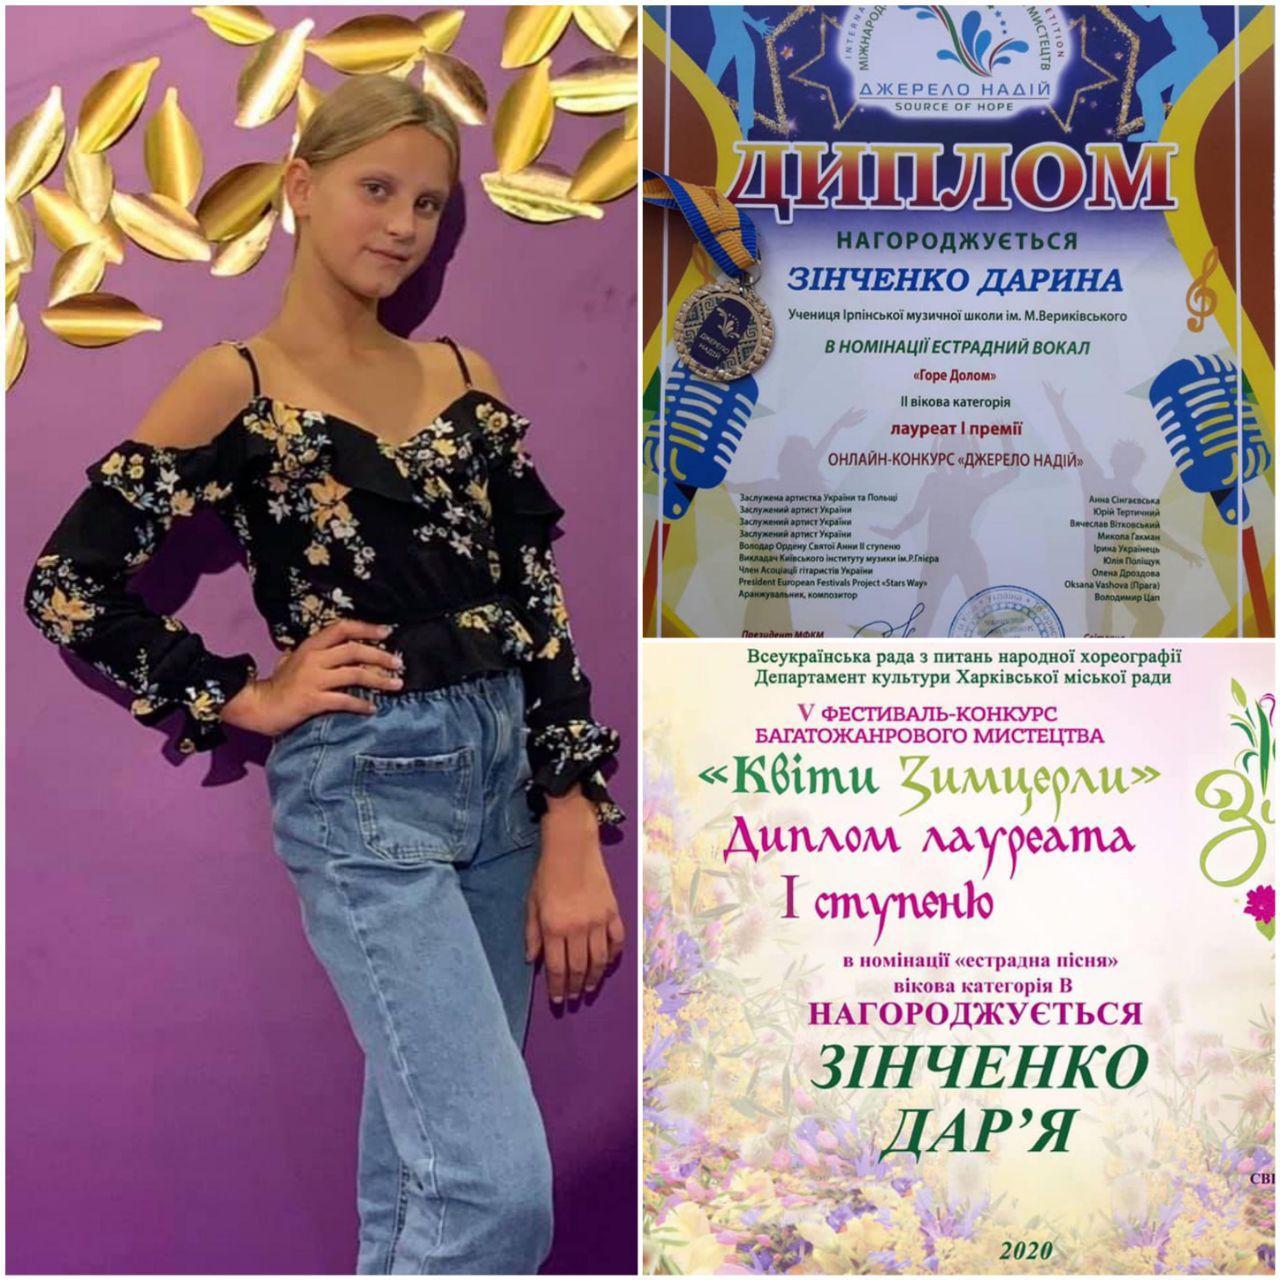 12-річна співачка з Ірпеня за місяць перемогла у чотирьох конкурсах - Школа мистецтв, співачка - photo 2020 06 18 11 39 44